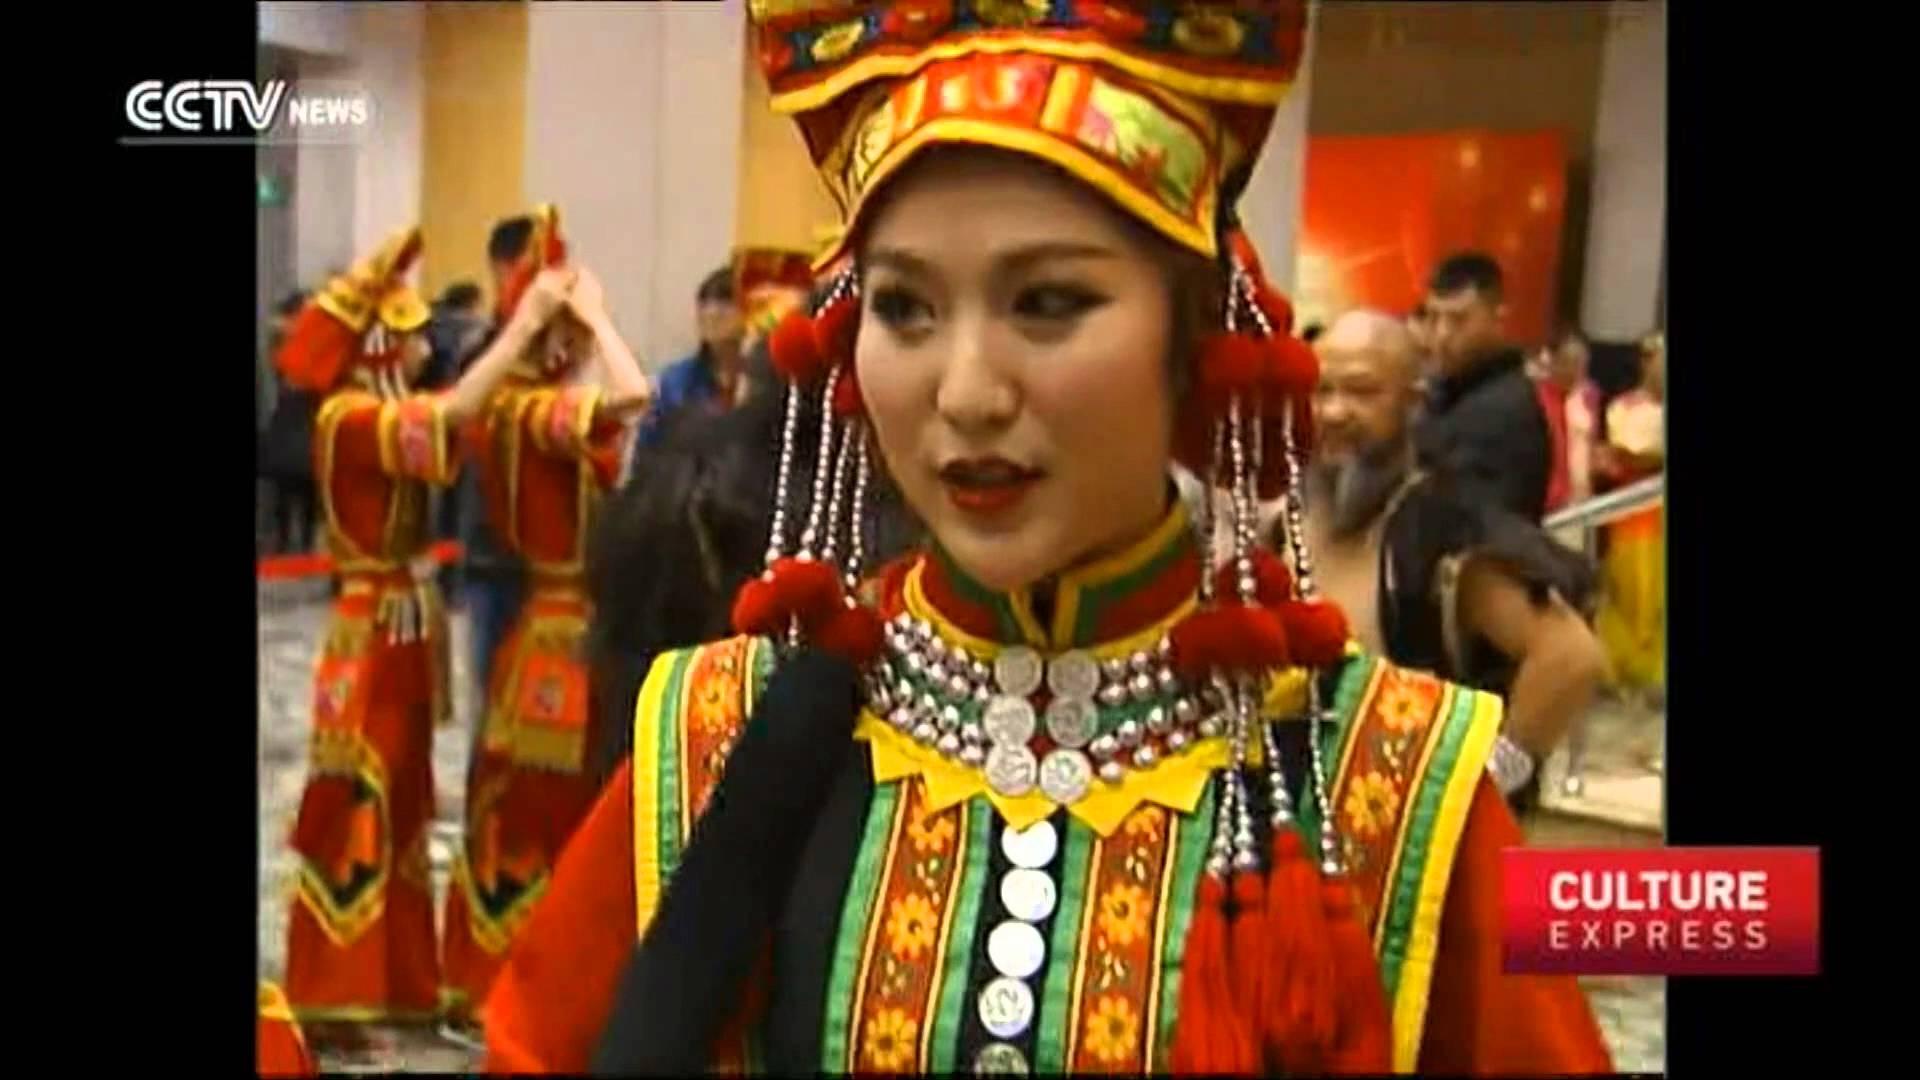 VIDEO: Pogledajmo kako Kinezi obilježavaju Proljetni festival